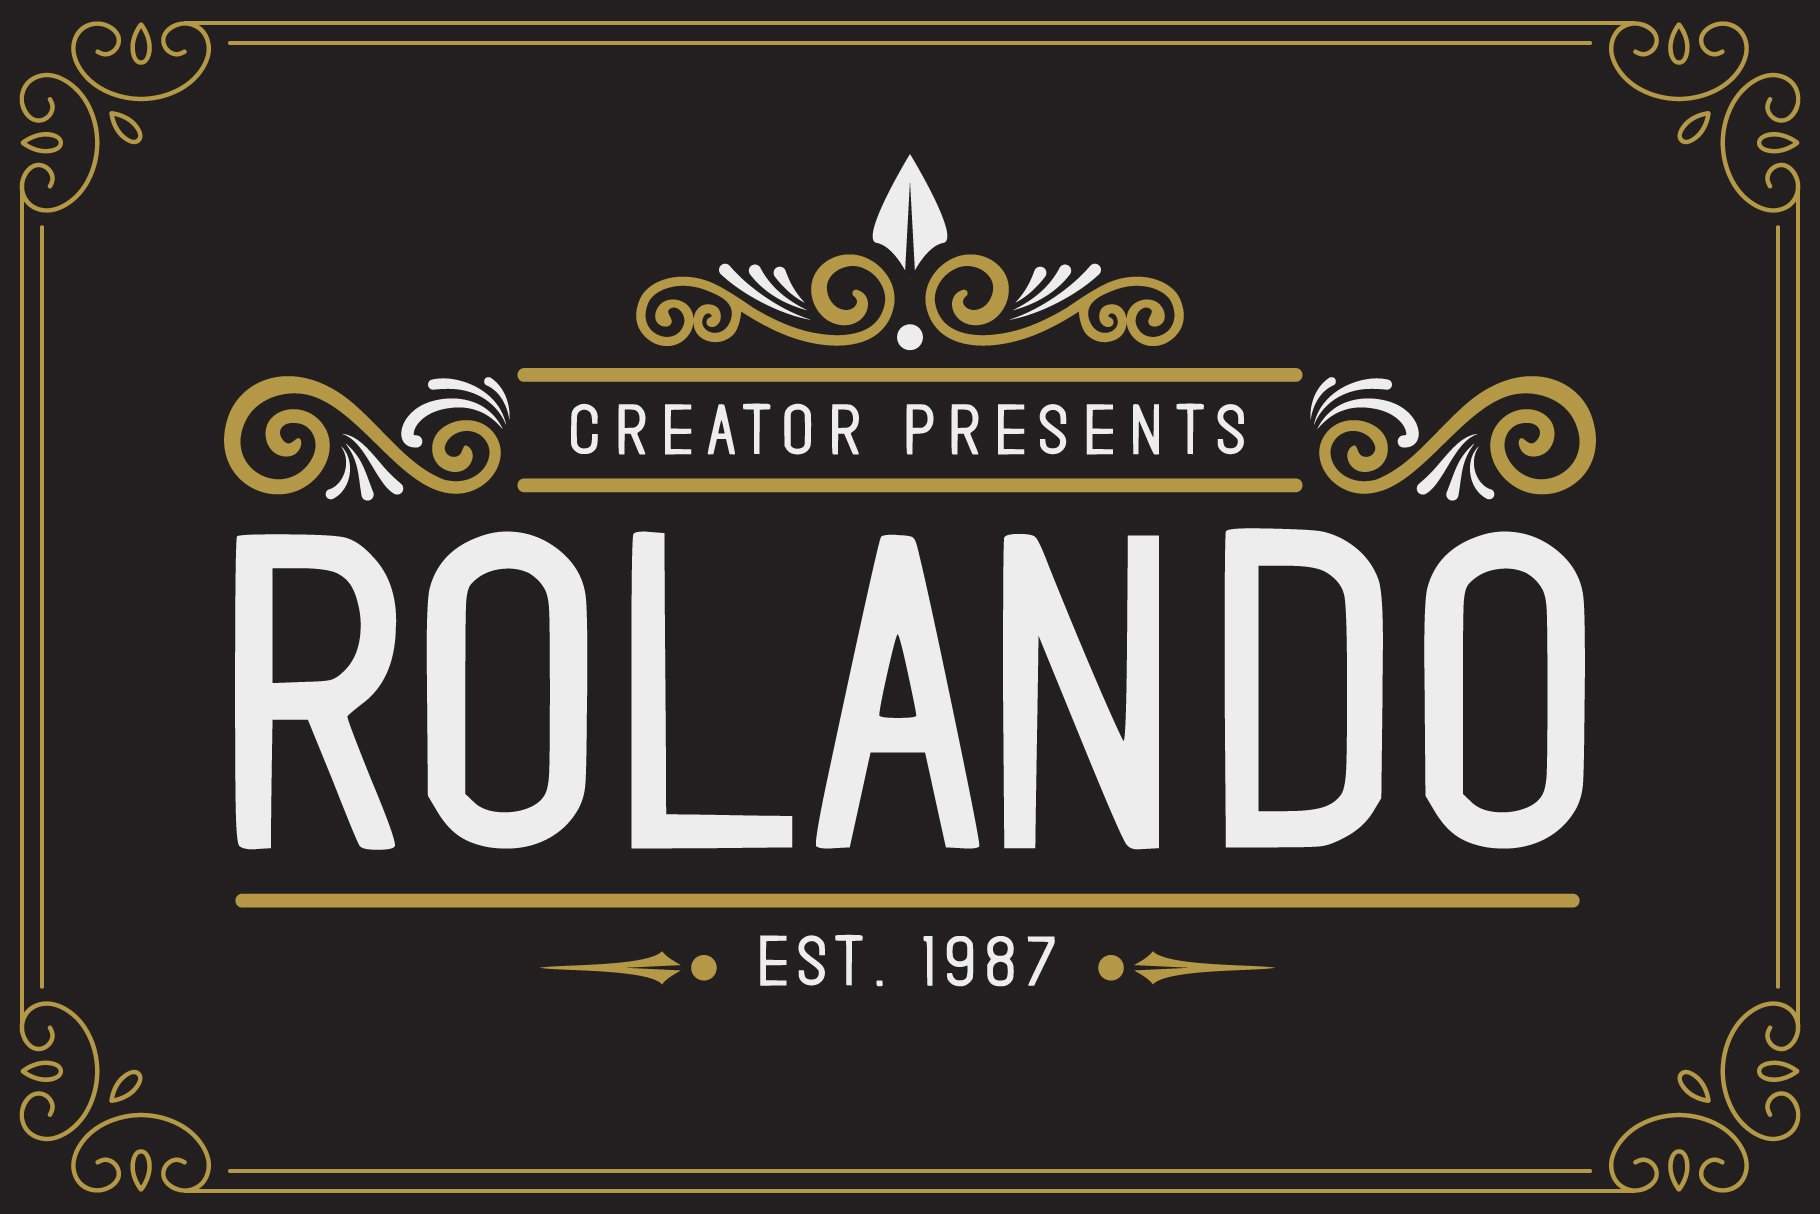 Rolando Vintage Font example image 1